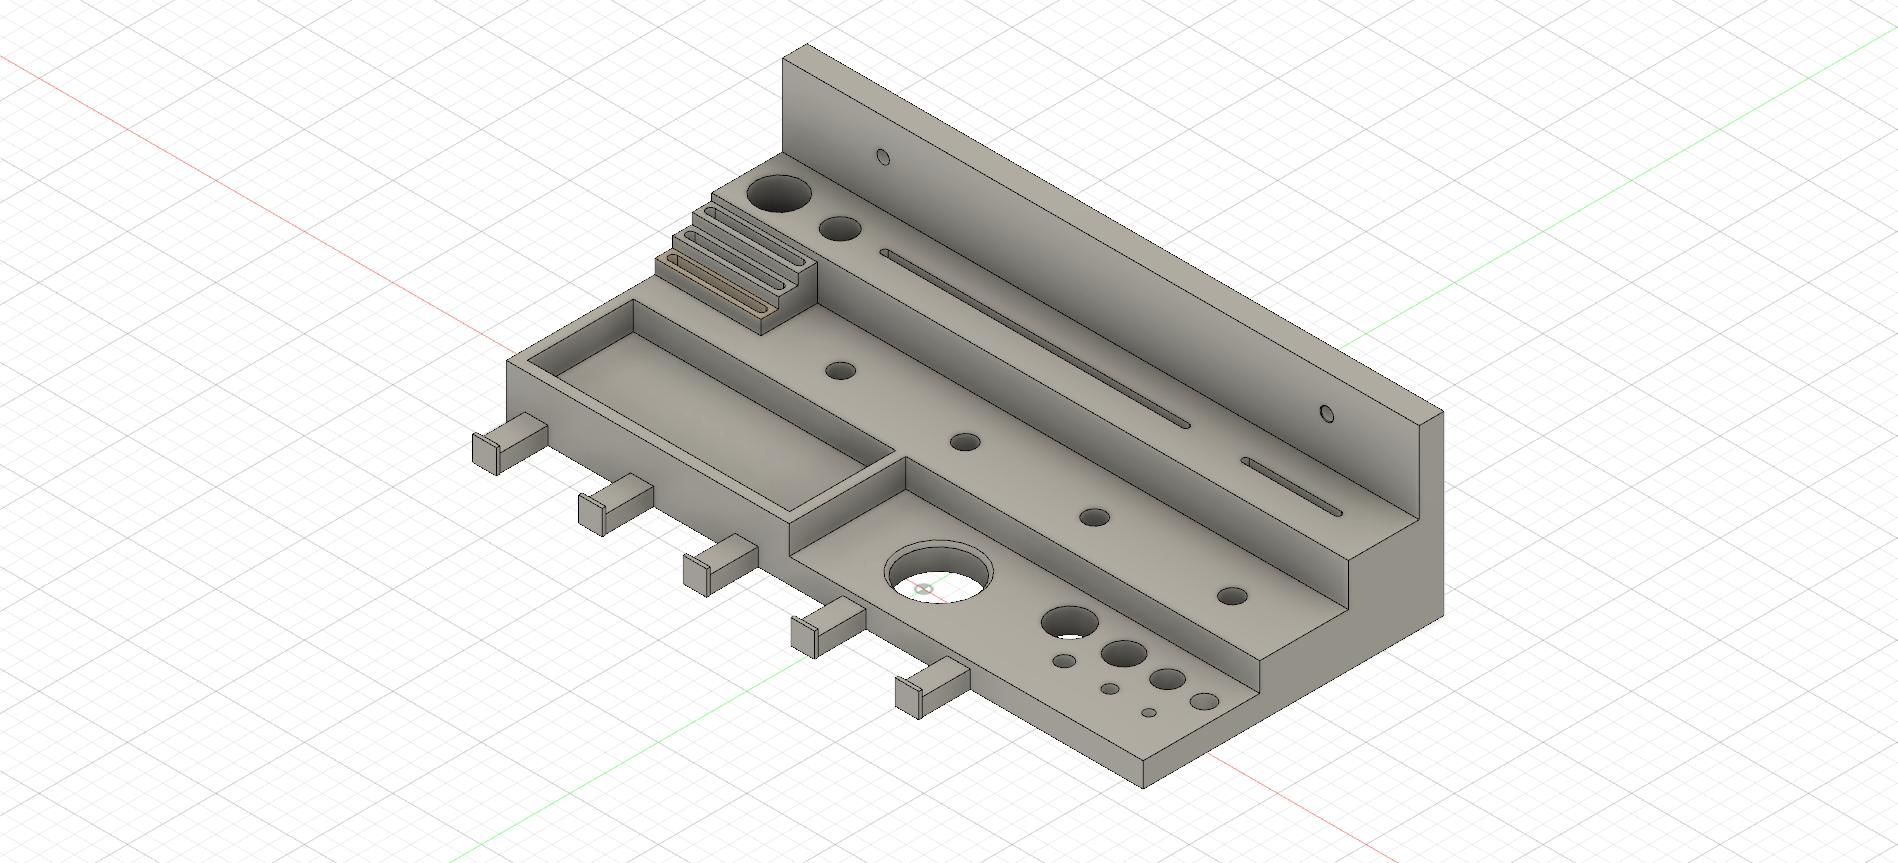 3D_Printer_Tool_Organizer_Holder v1.png Télécharger fichier STL gratuit Porte-outils pour imprimante 3D / Support / Organisateur - Montage mural • Modèle imprimable en 3D, SierraTech